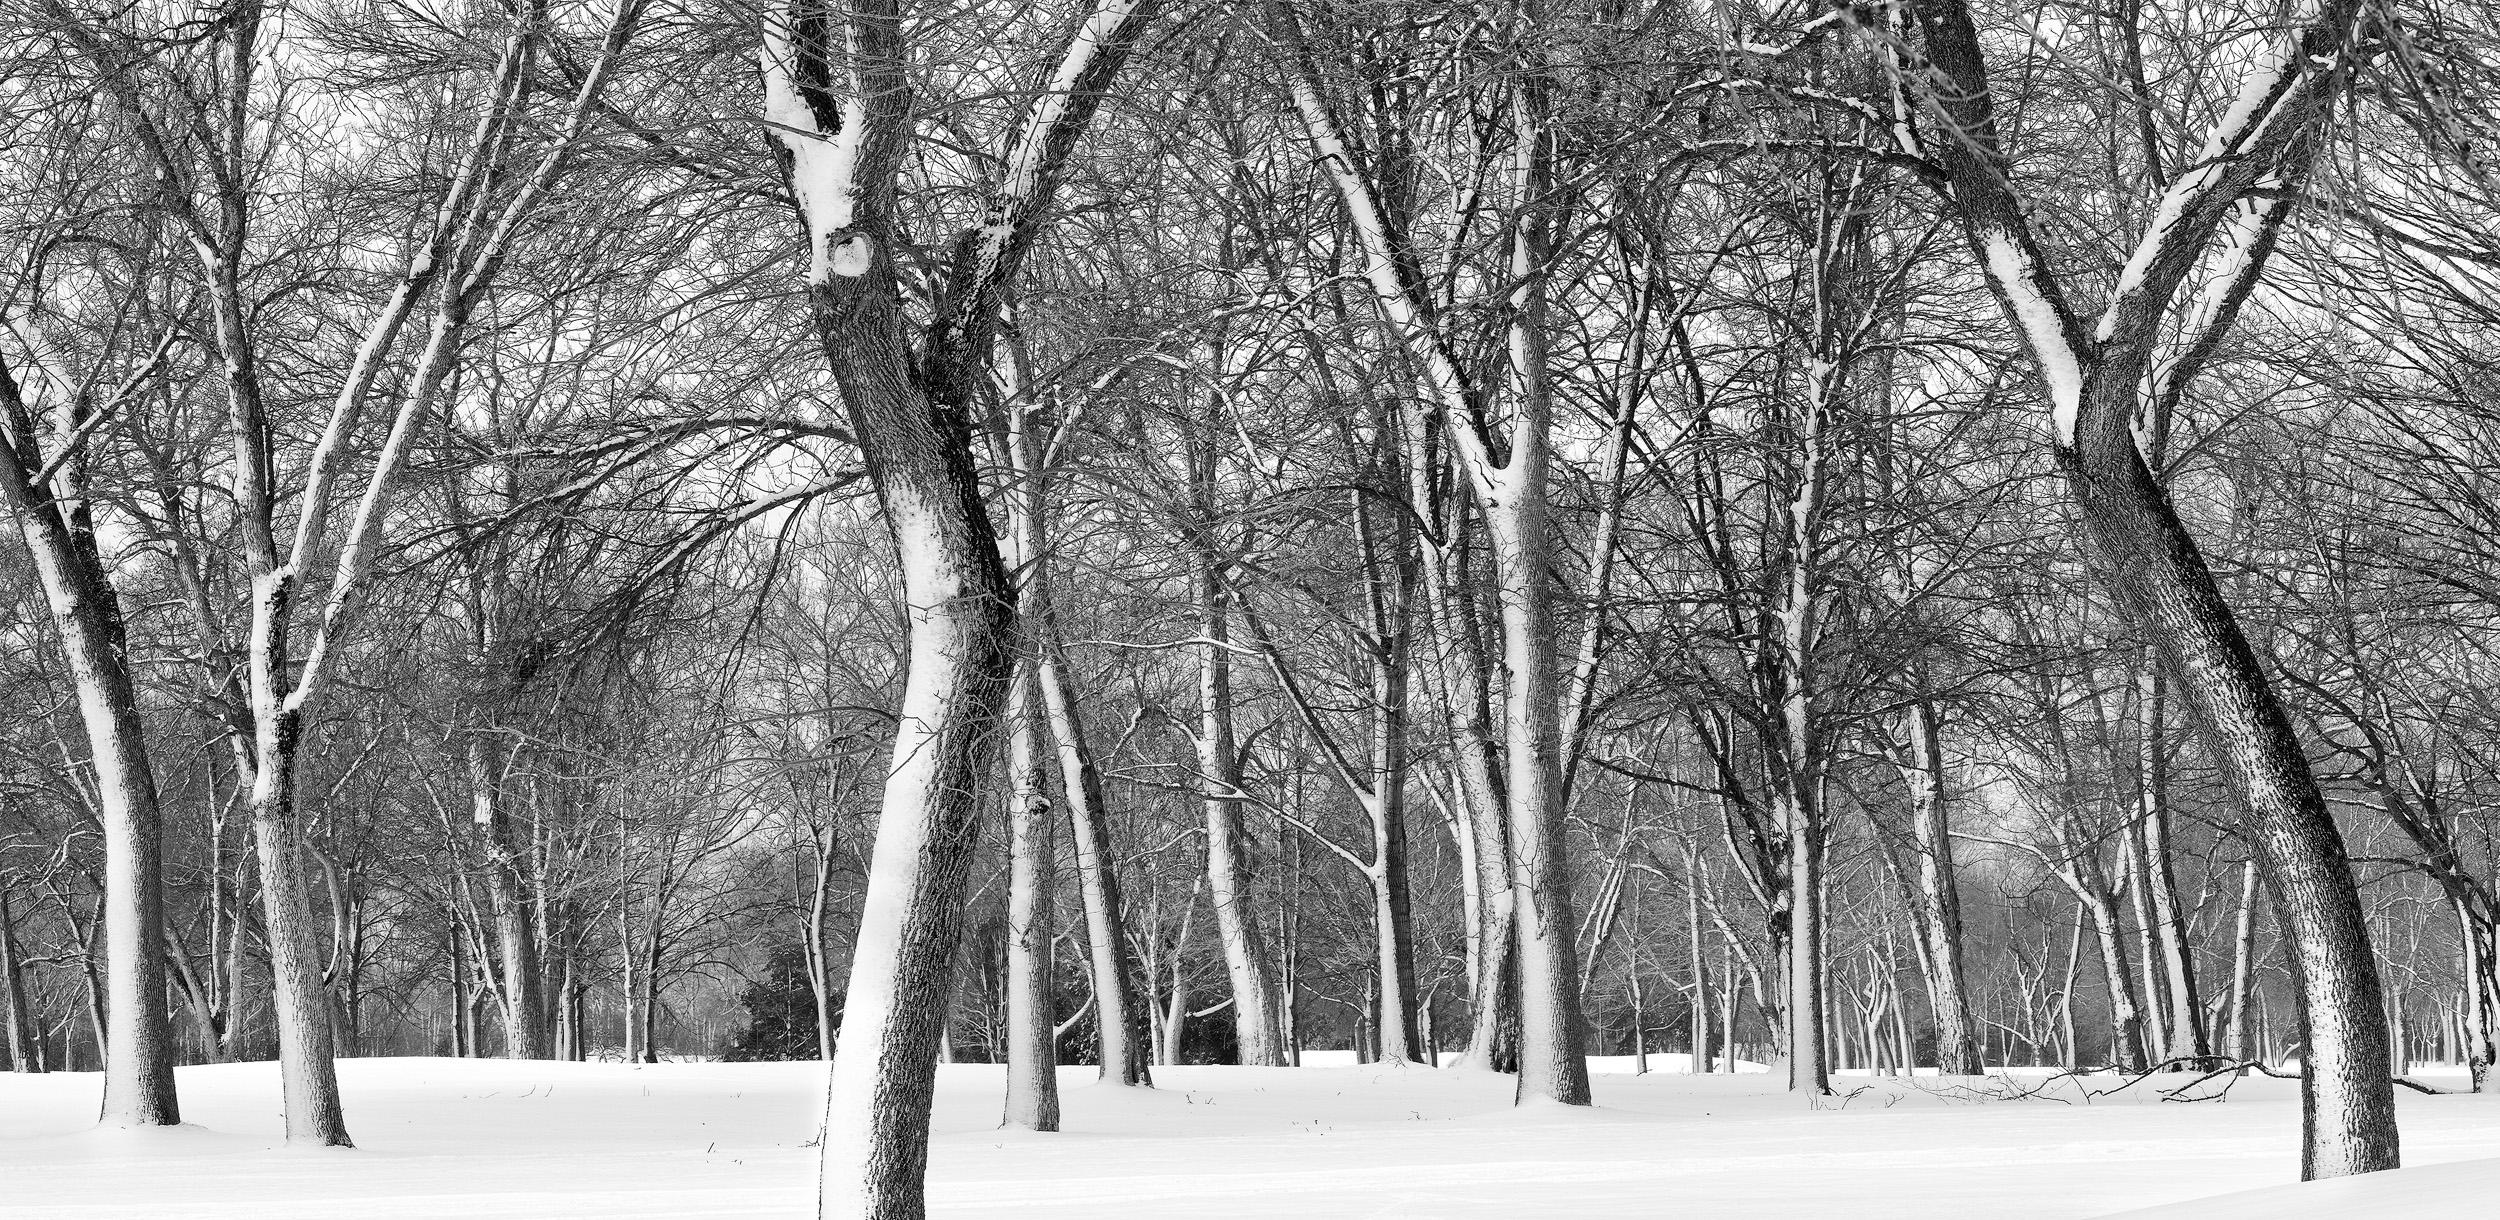 Snow Trees-Brown Deer, WI